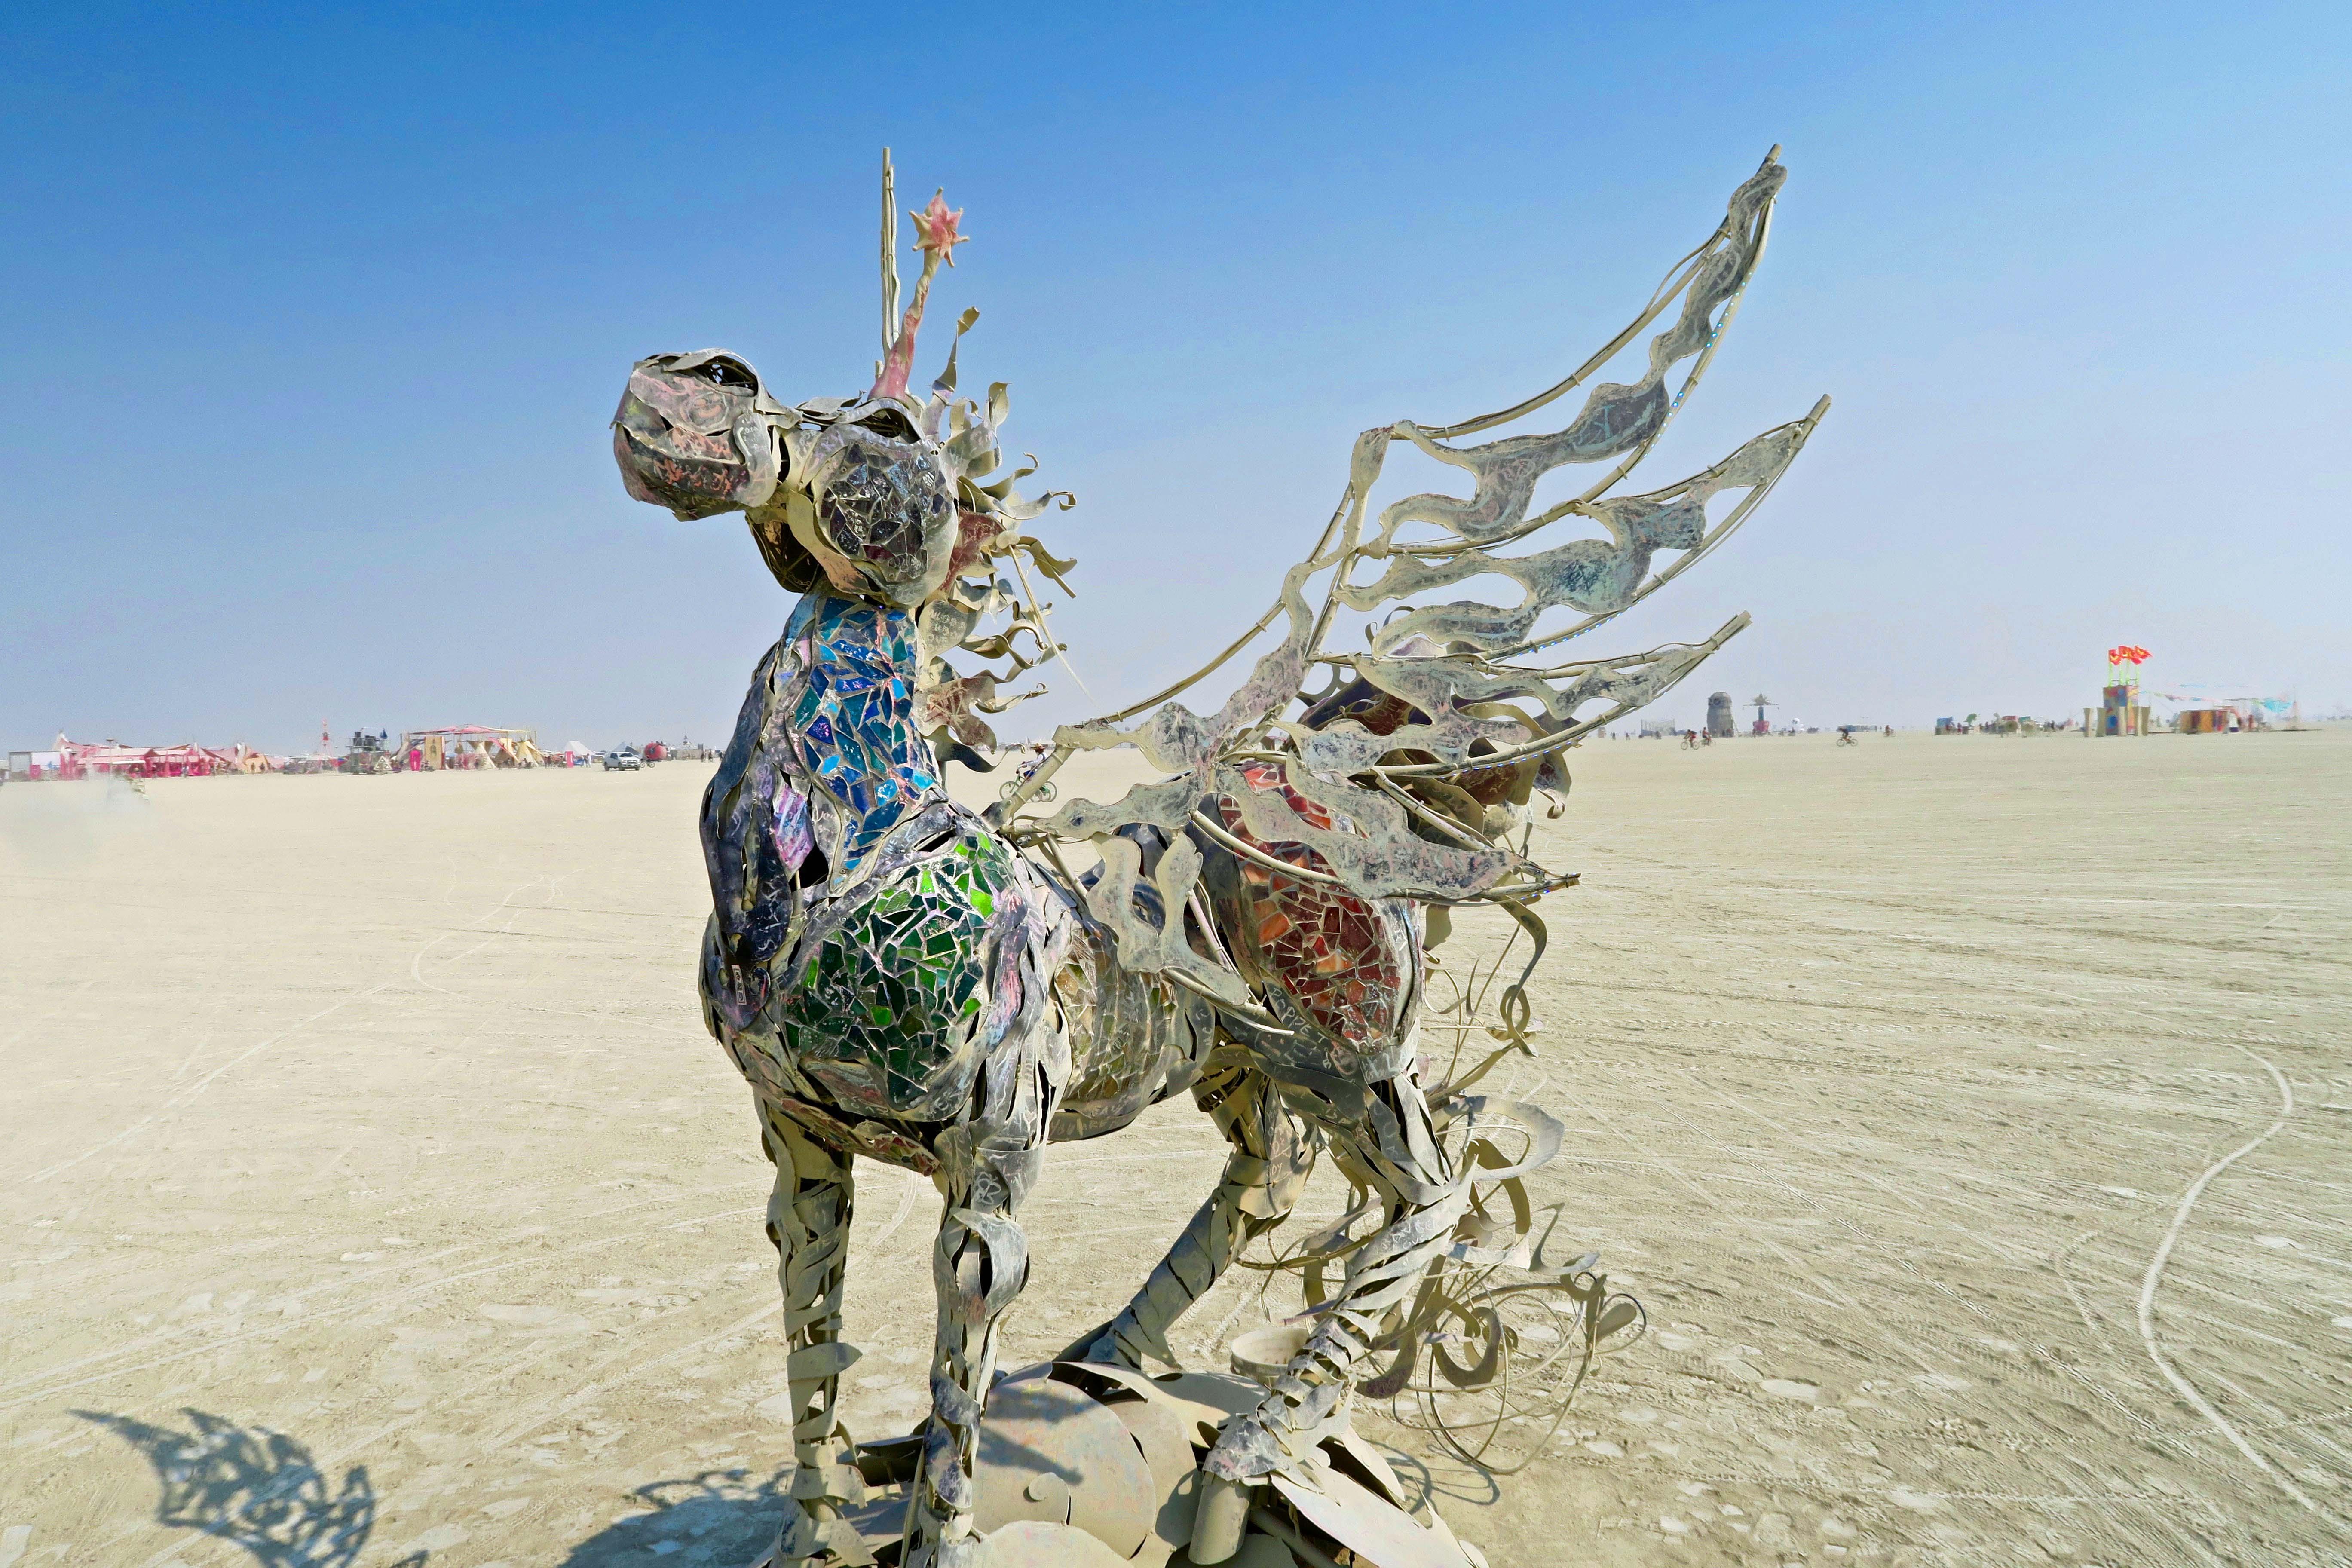 Flying unicorn at Burning Man 2017